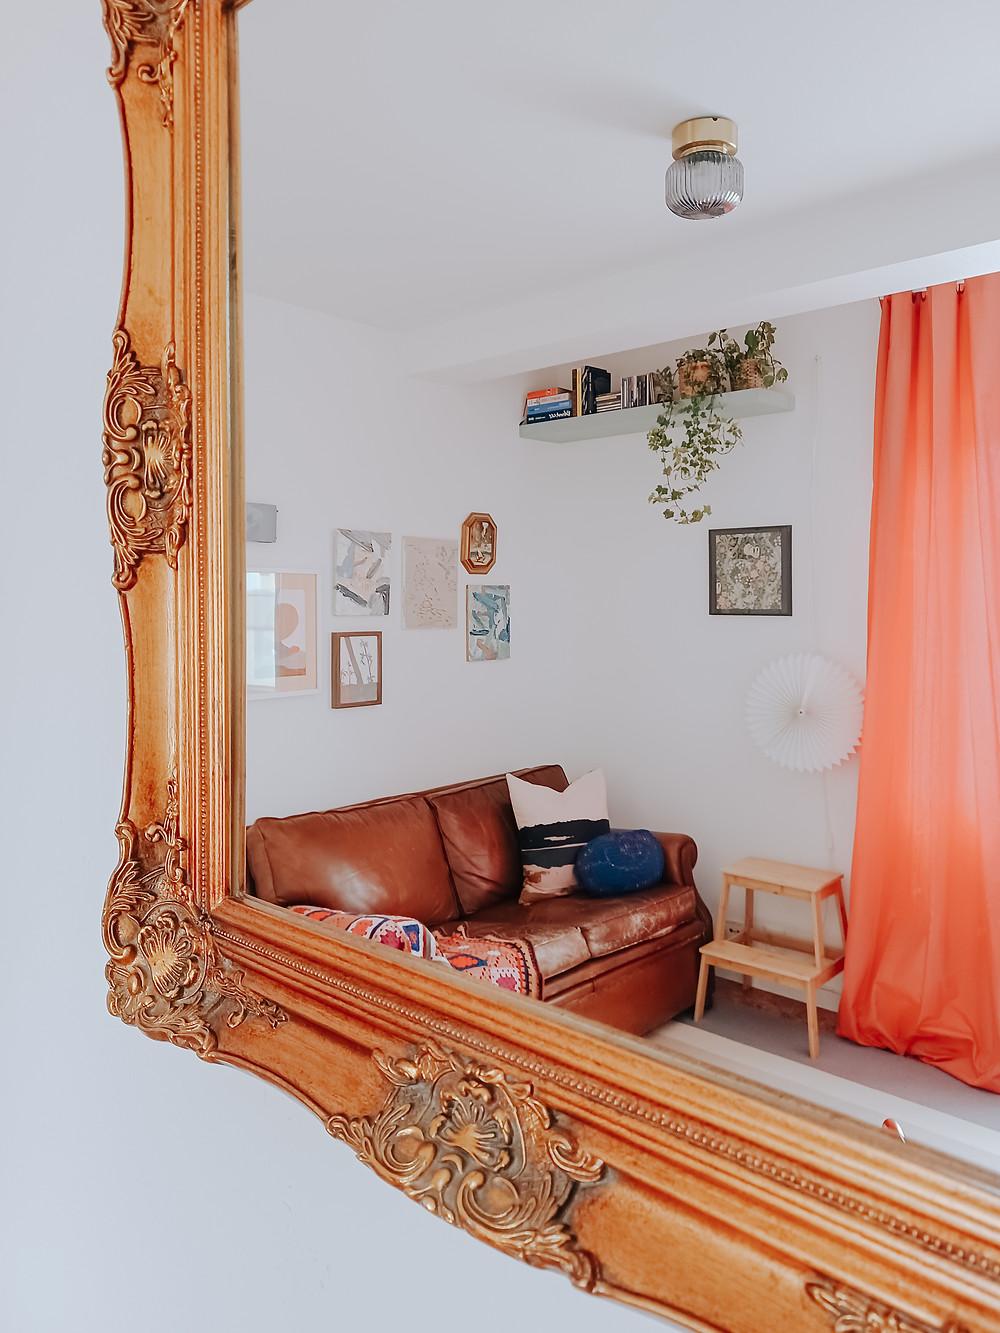 decoração porto decoradores designer interiores